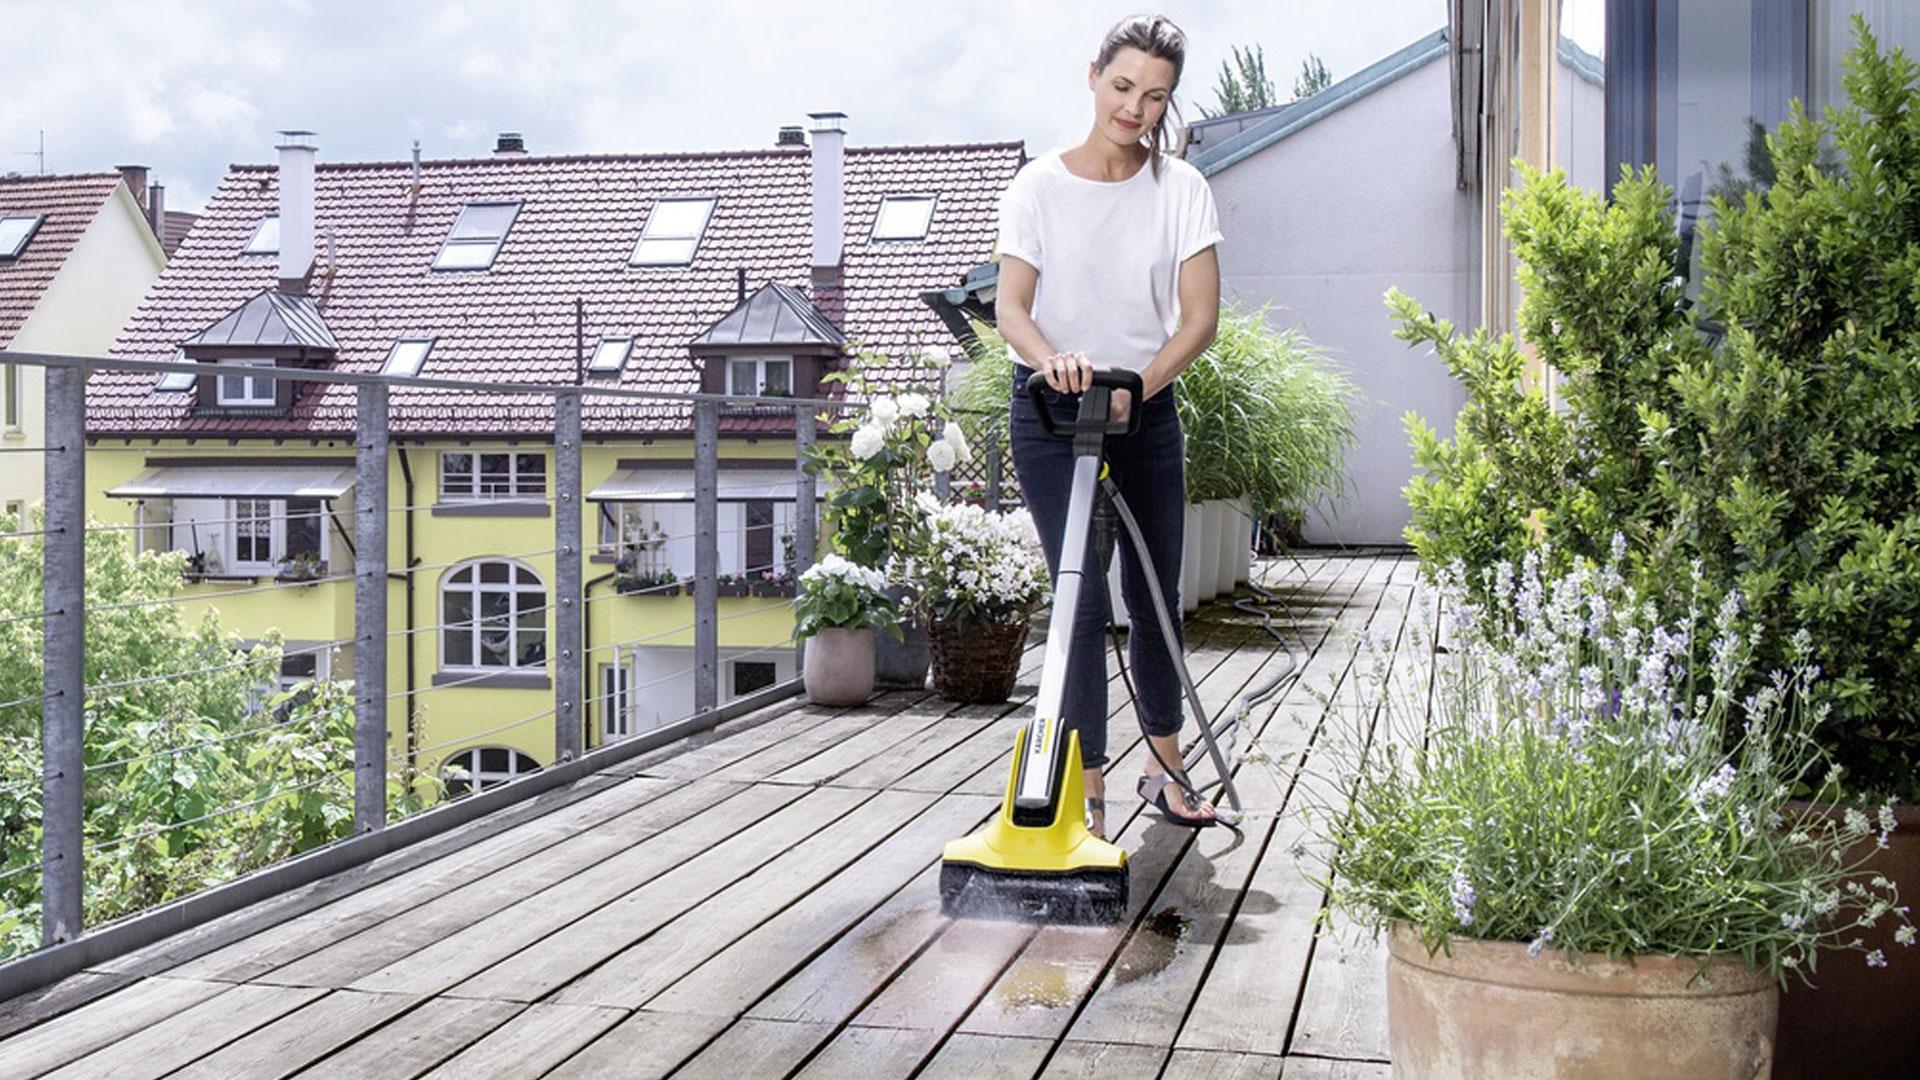 Nettoyage De Terrasse | Kärcher serapportantà Nettoyage Terrasse Bois Karcher